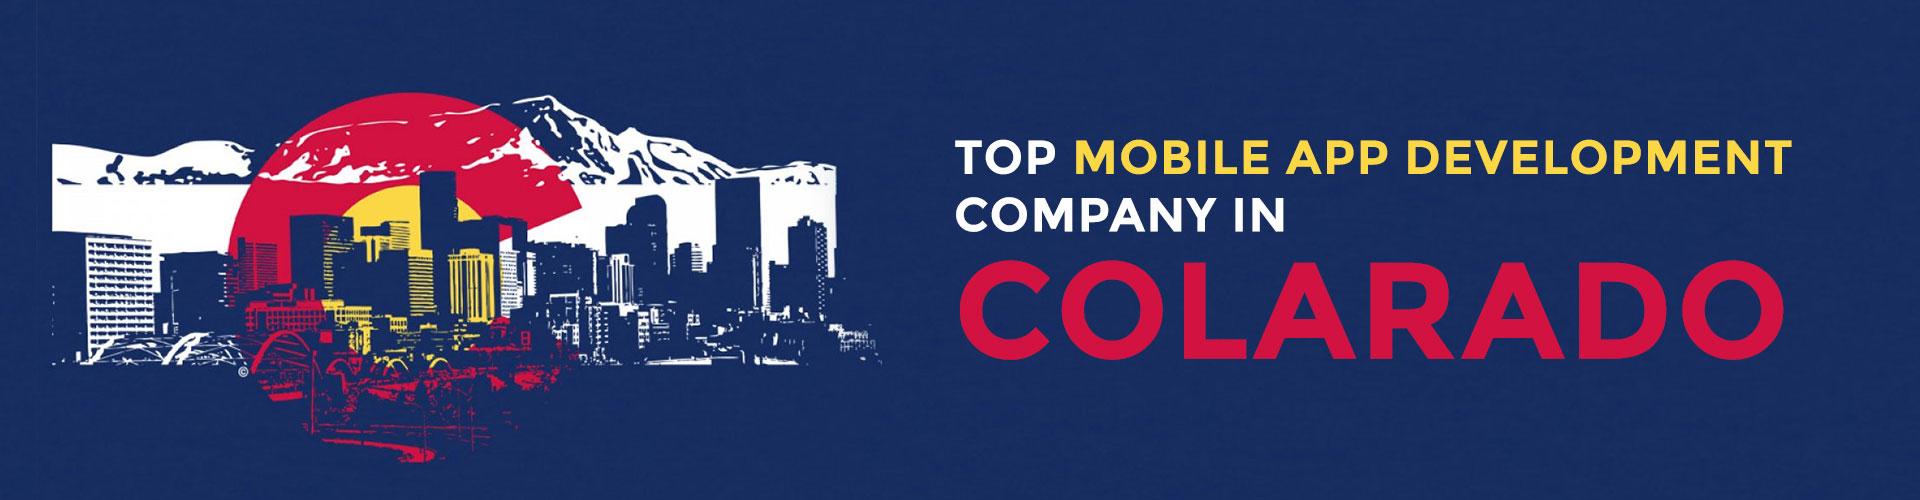 mobile app development company colorado